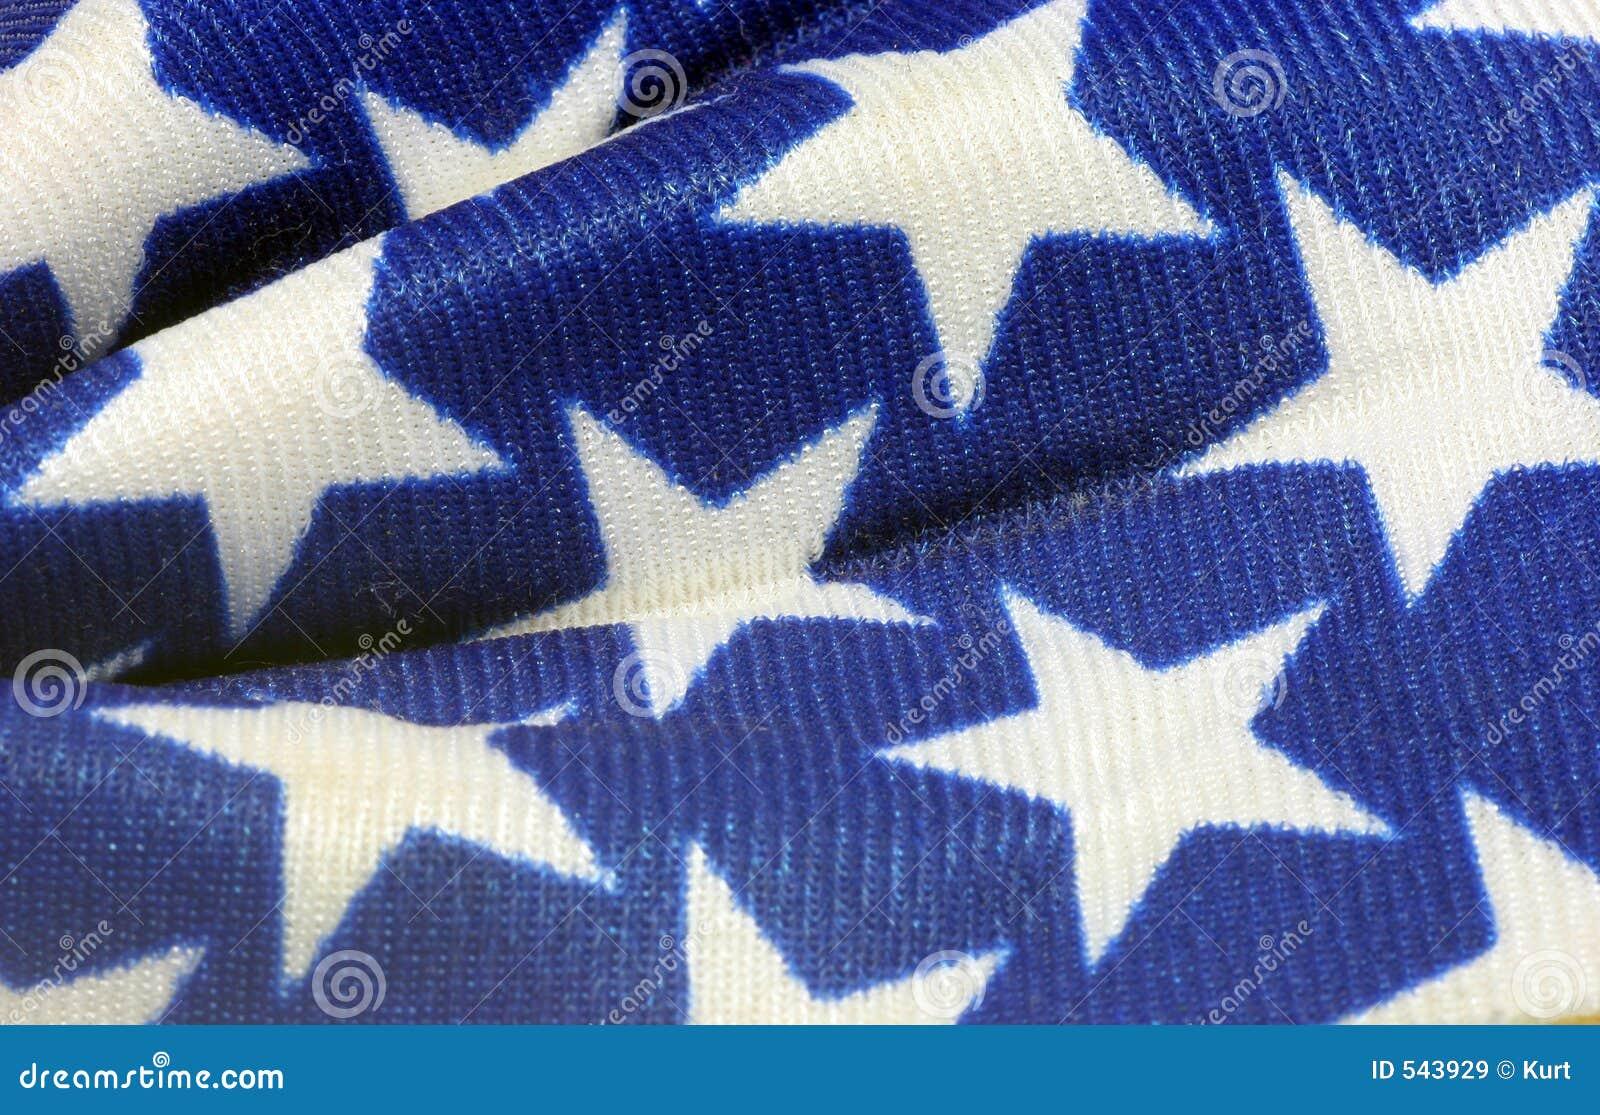 Download 星形 库存图片. 图片 包括有 大使职位, 空白, 状态, 大使, 第四, 蓝色, 团结, 钞票, 标志, 模式 - 543929